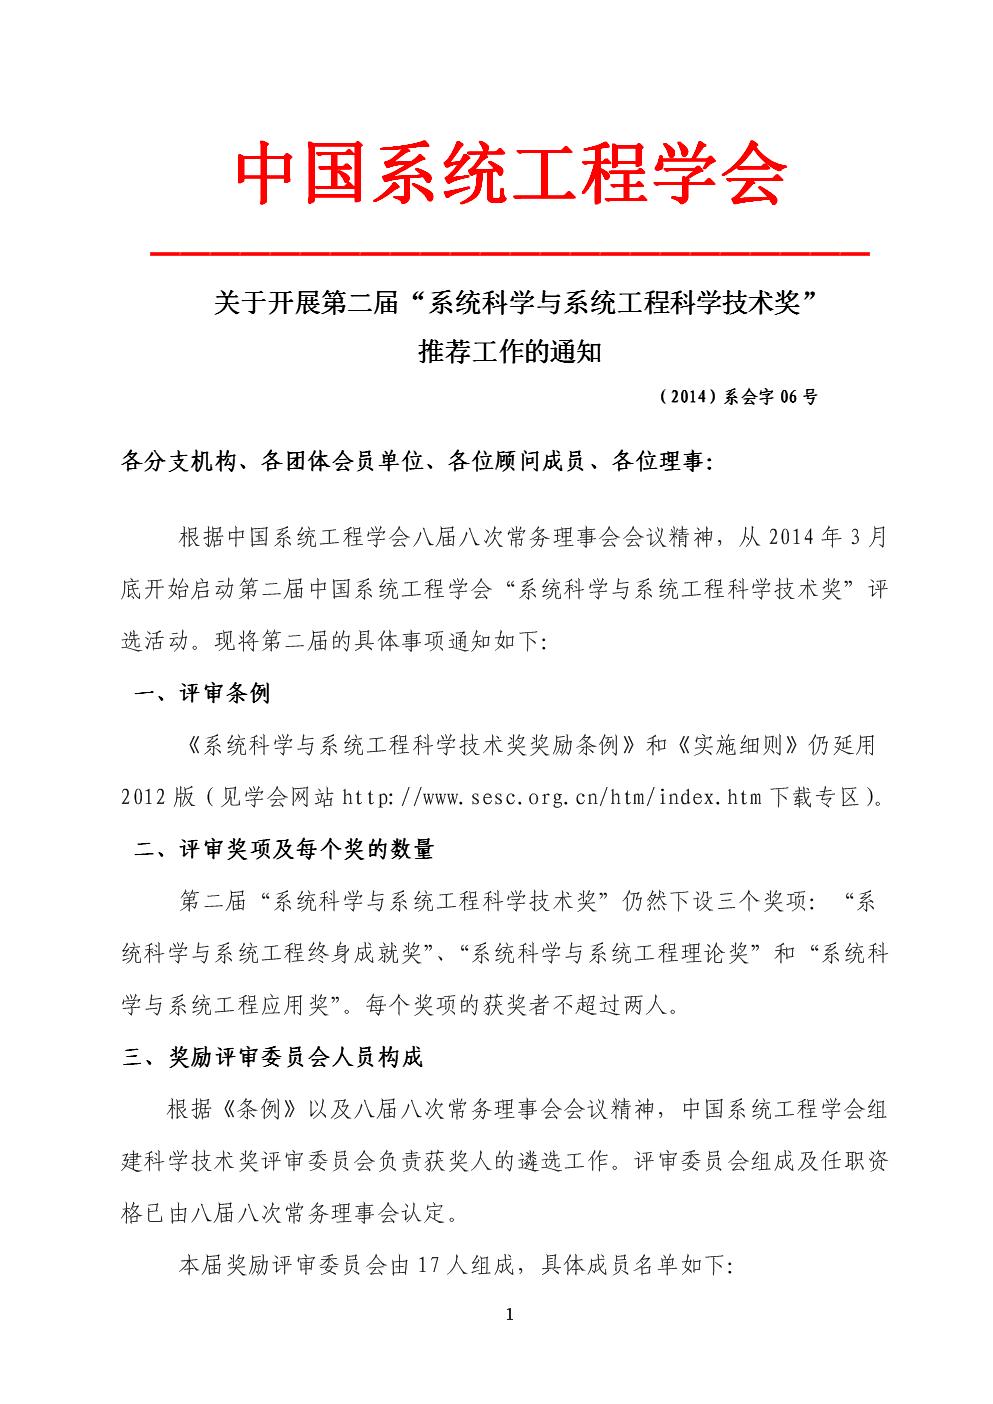 中國系統工程學會.doc